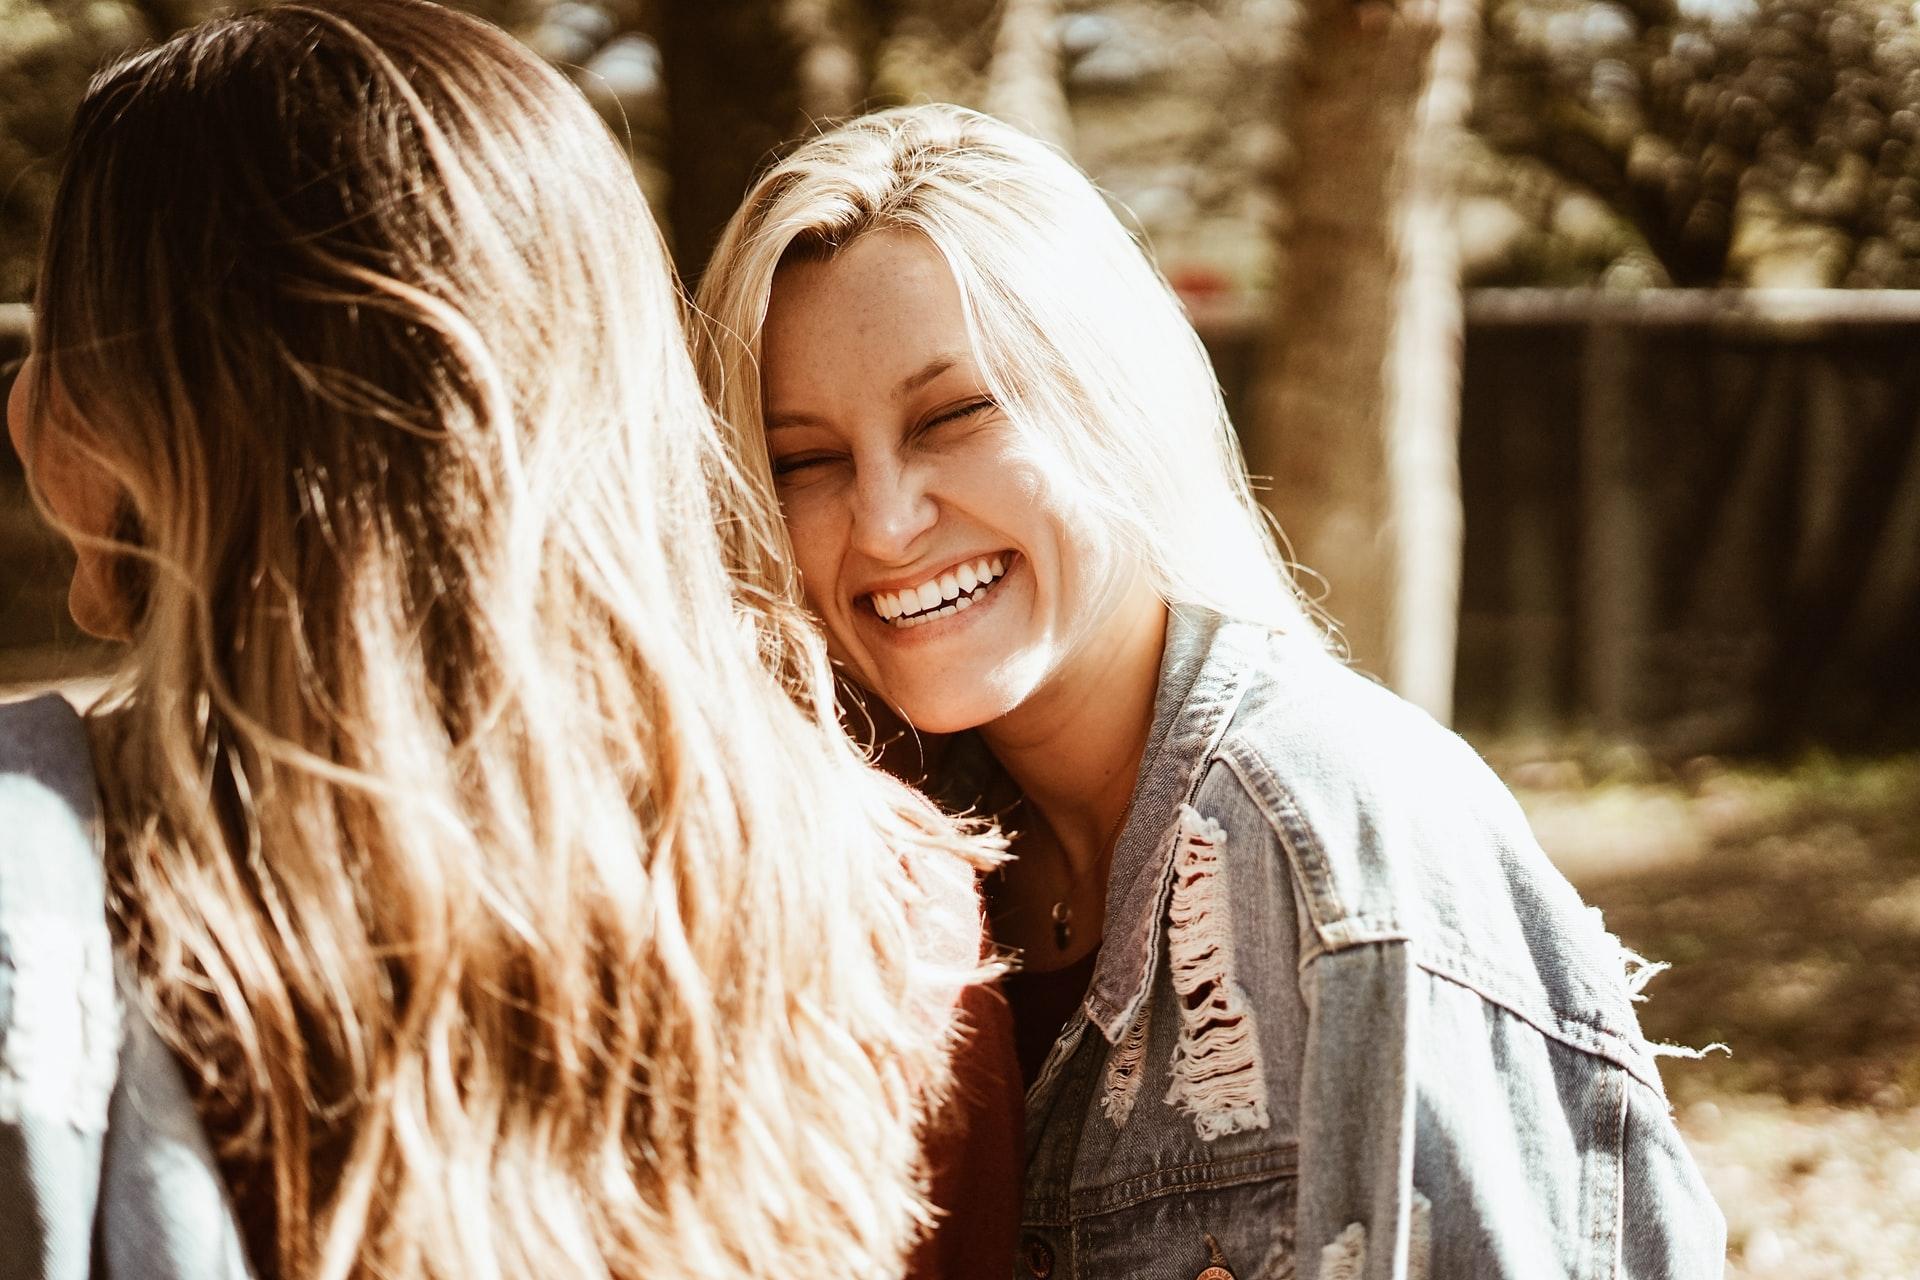 az anya lánya napló elősegíti a beszélgetést